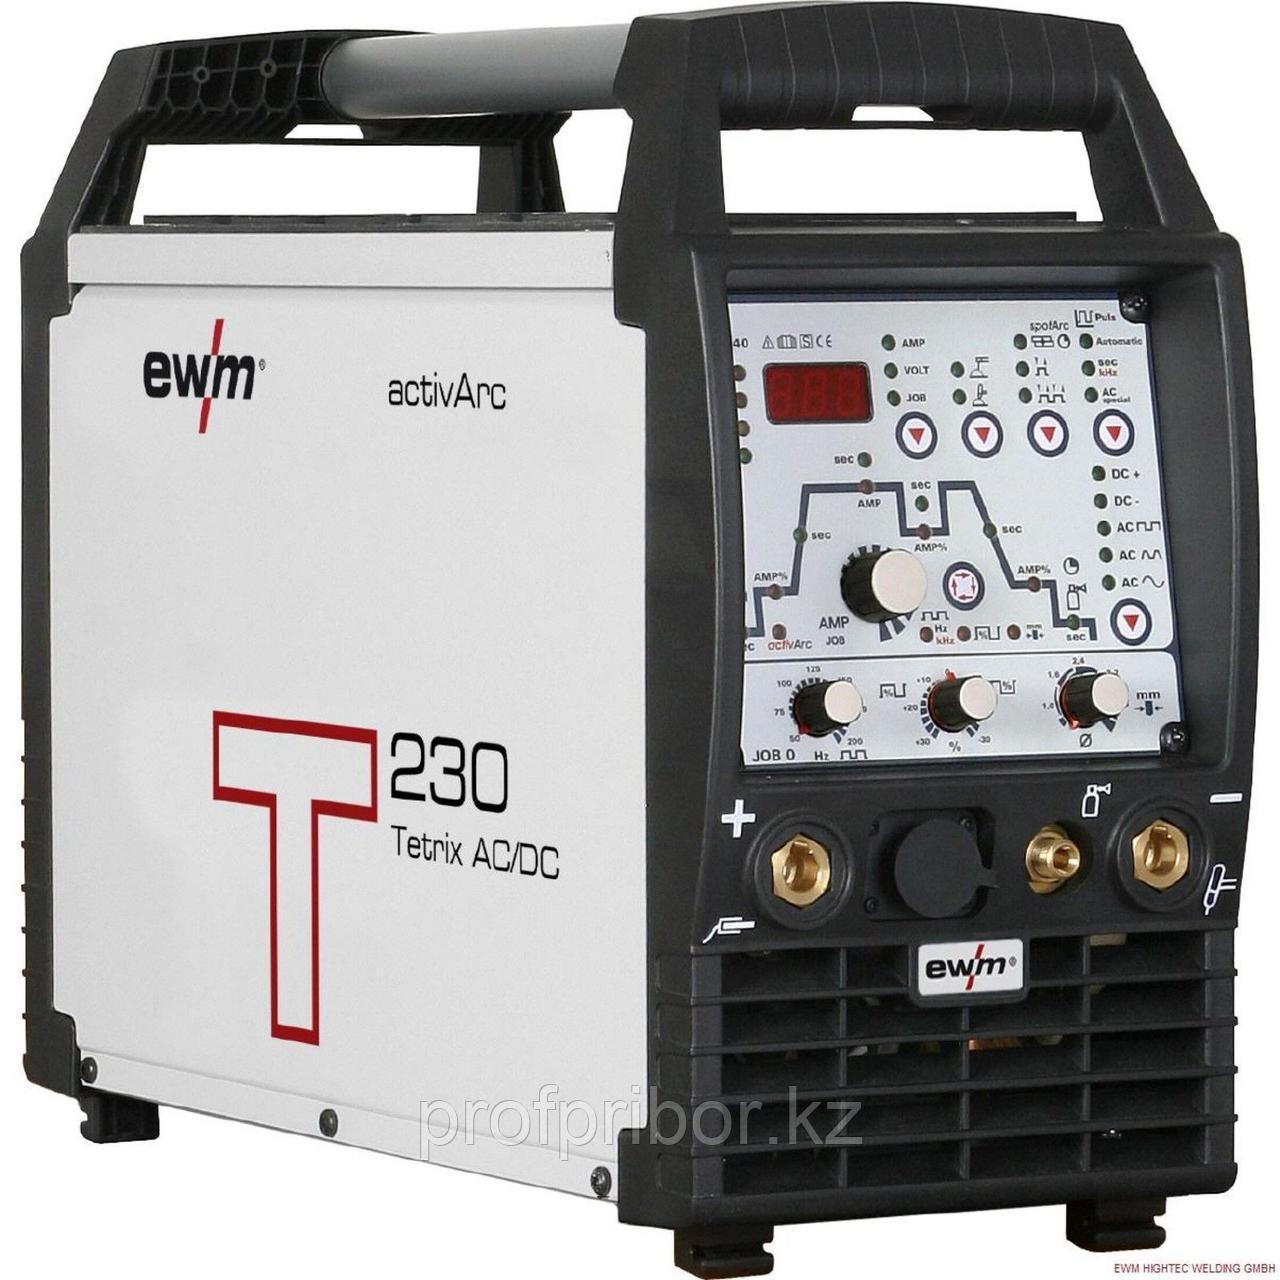 Инвертор для аргонодуговой сварки всех металлов EWM Tetrix 230